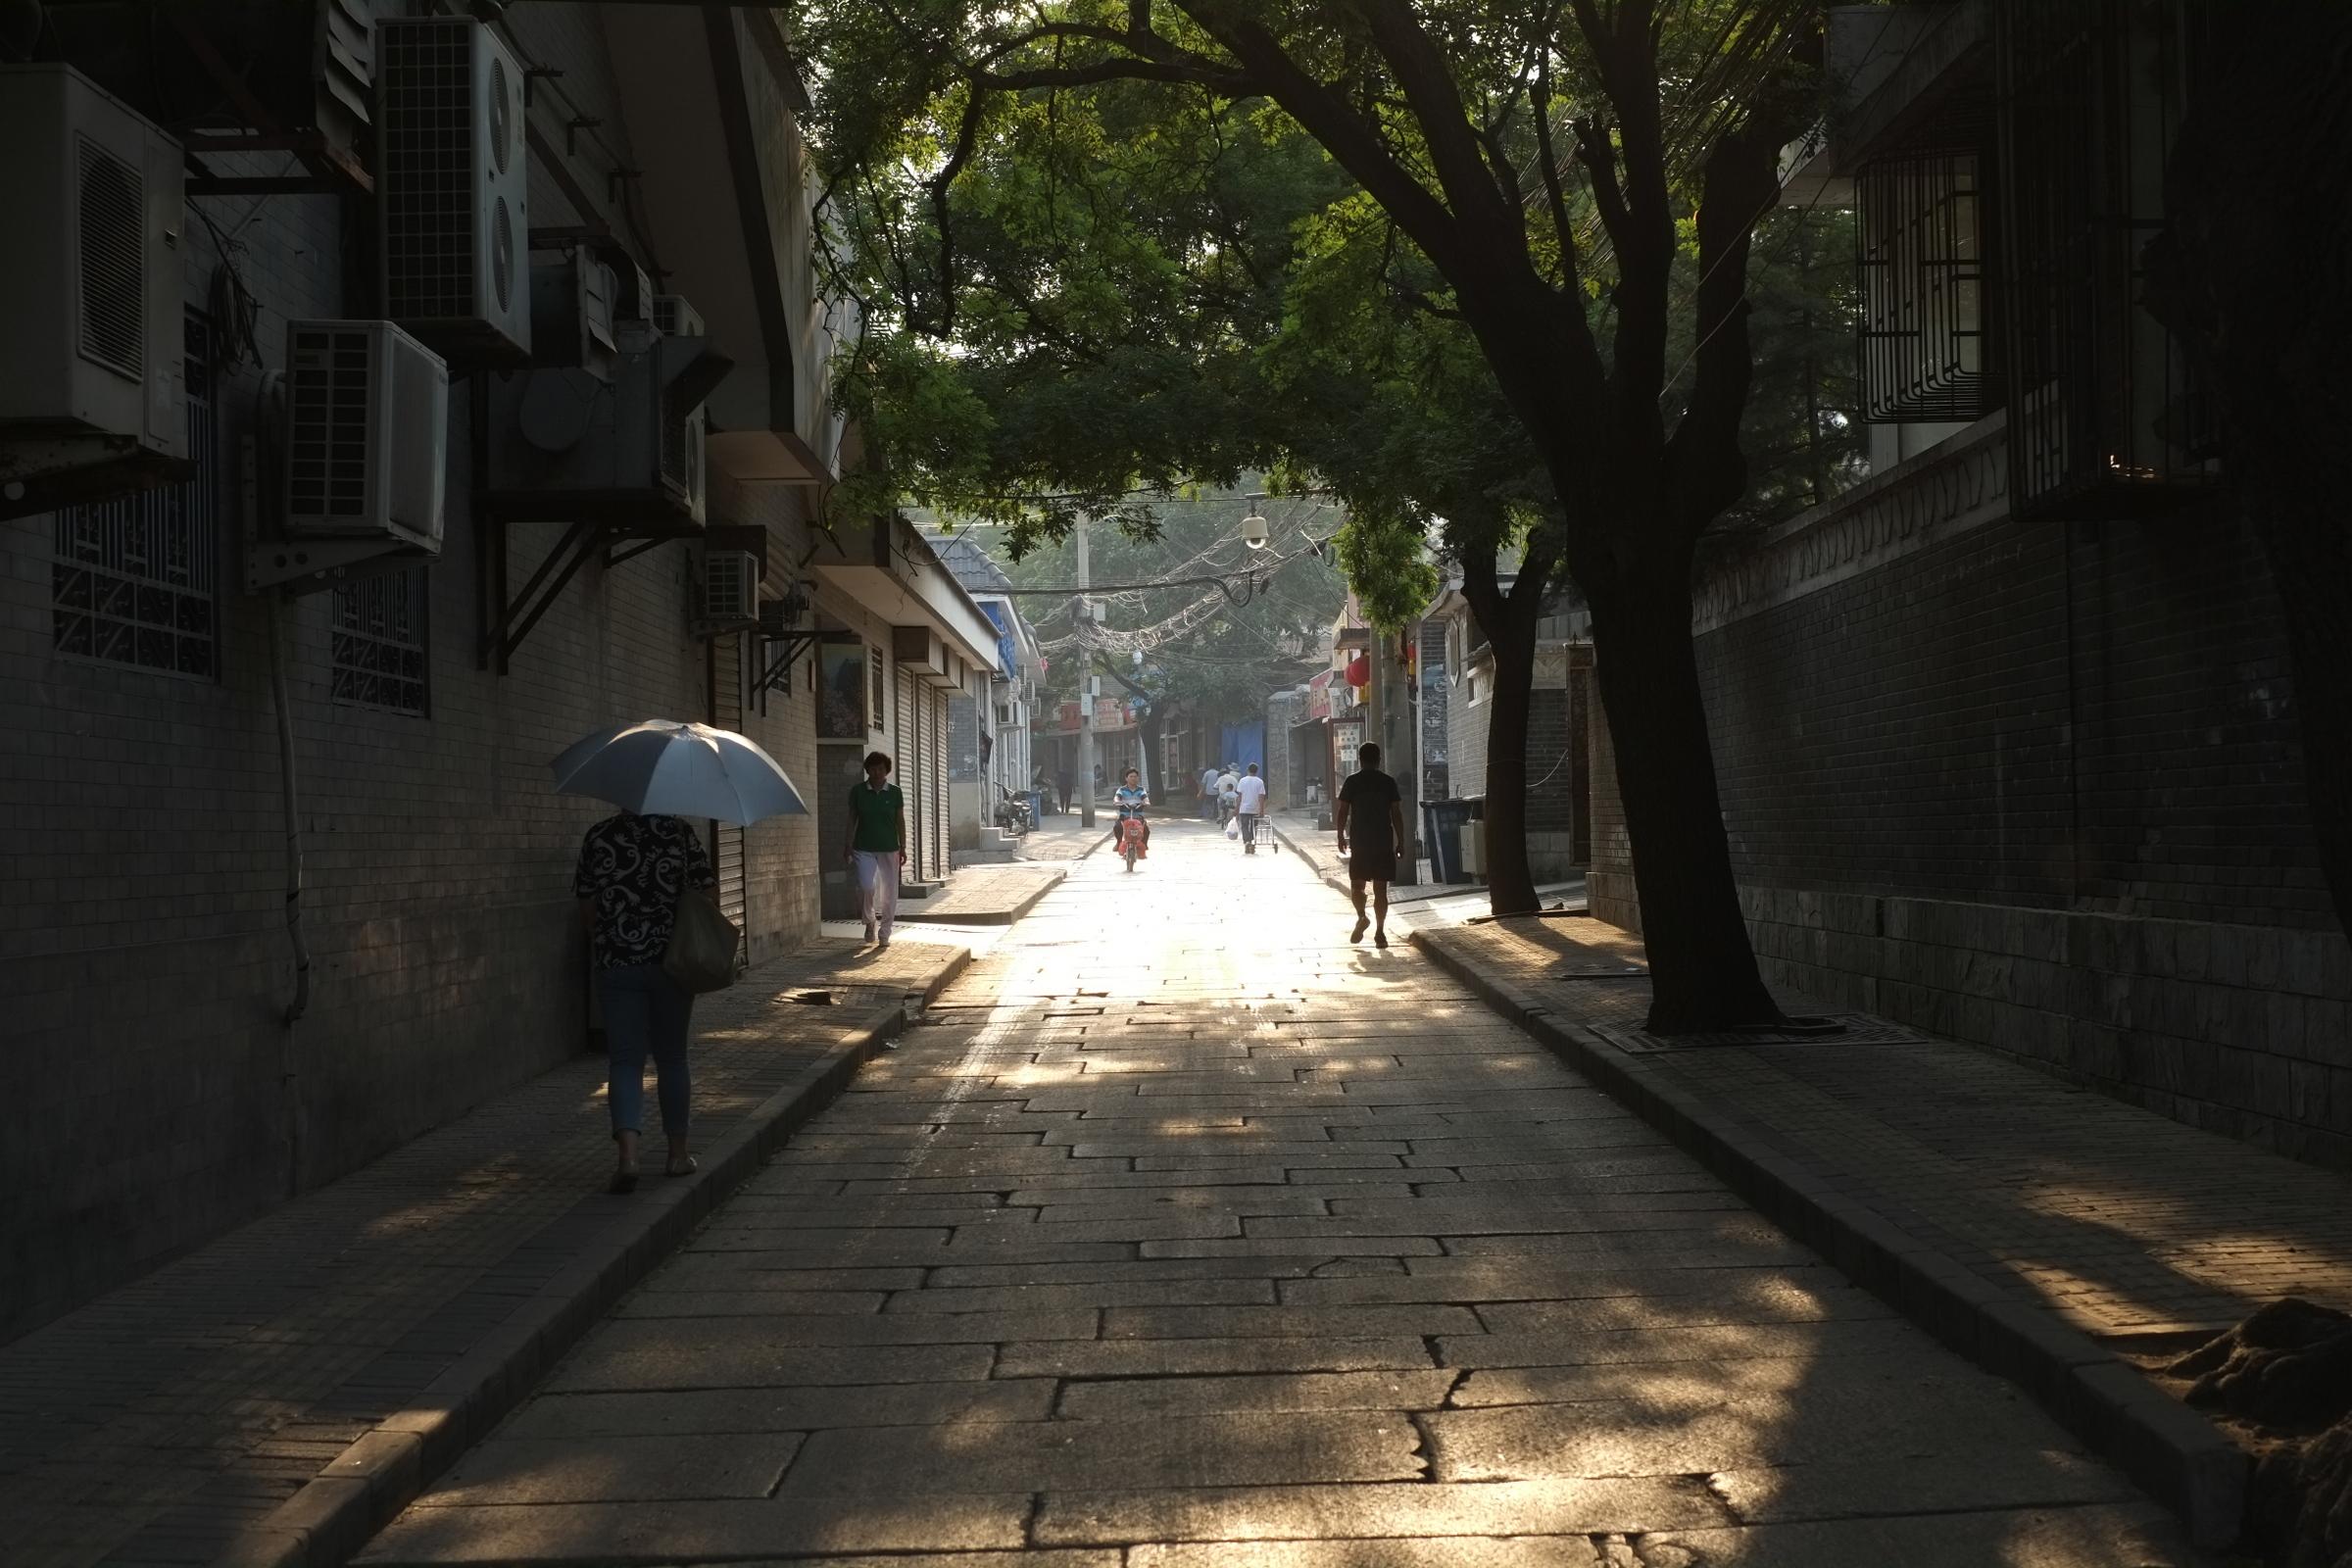 XiangShan Beijing